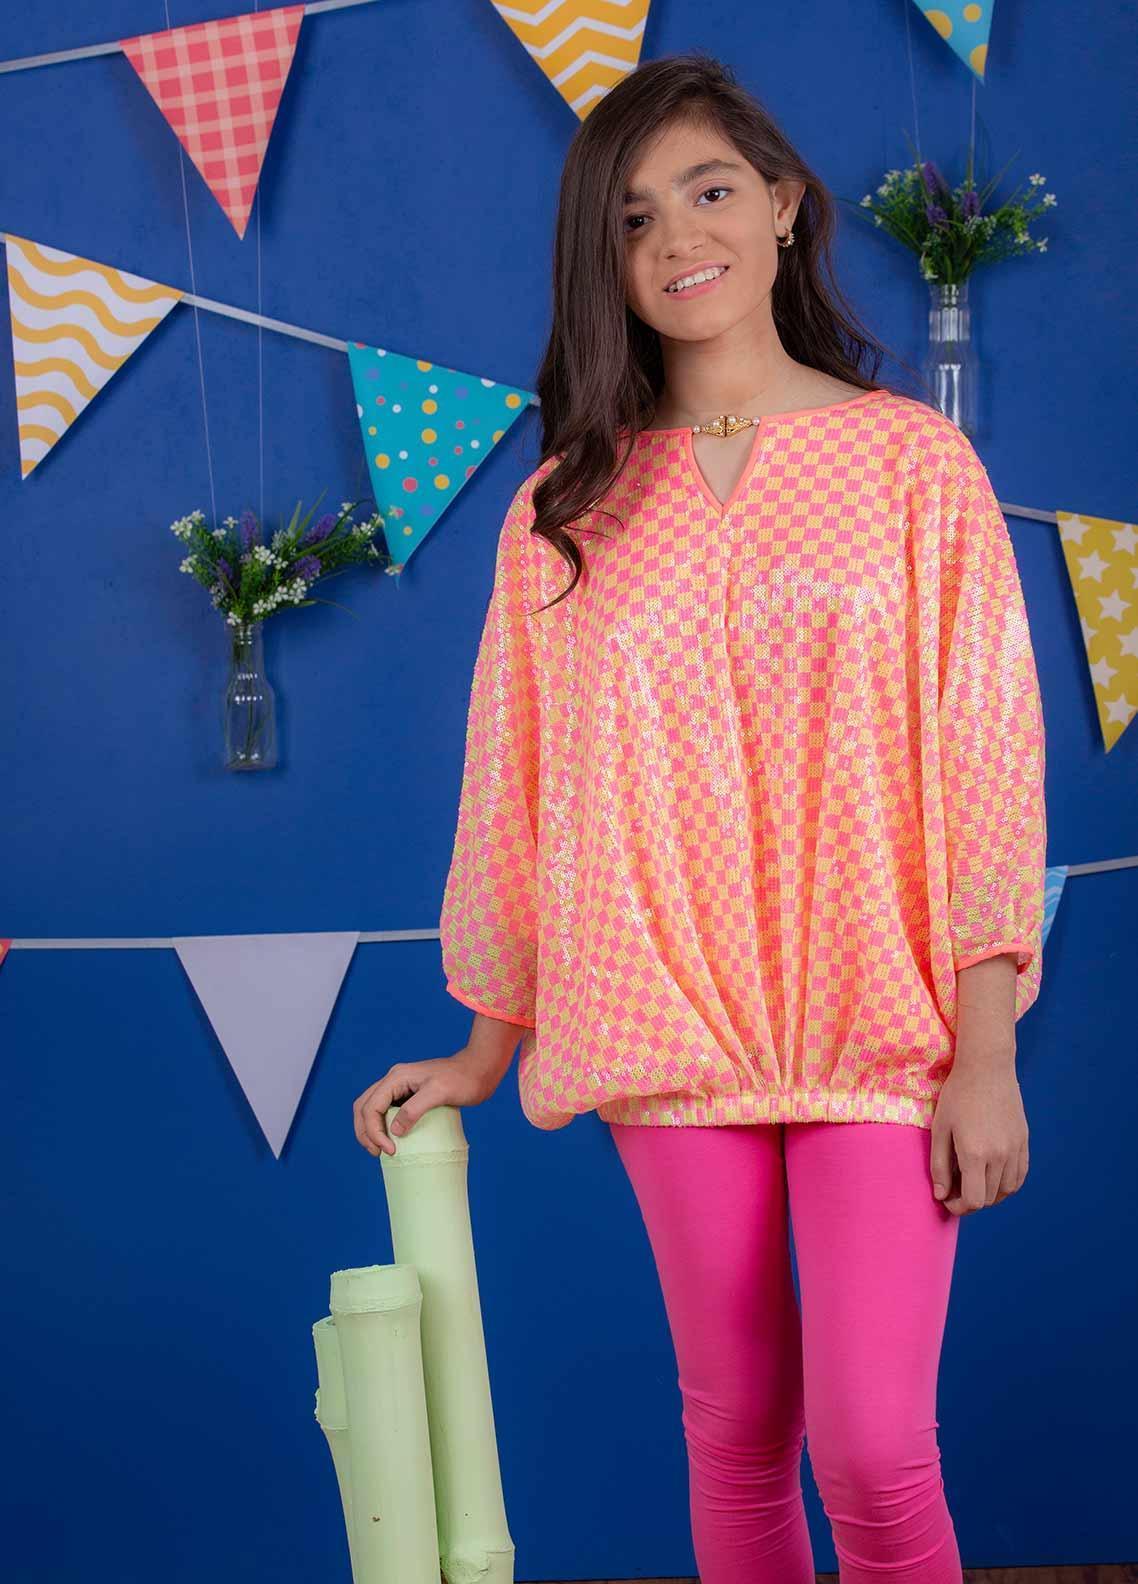 Ochre Cotton Net Formal Girls Kurtis - OWT 272 Candy Pink